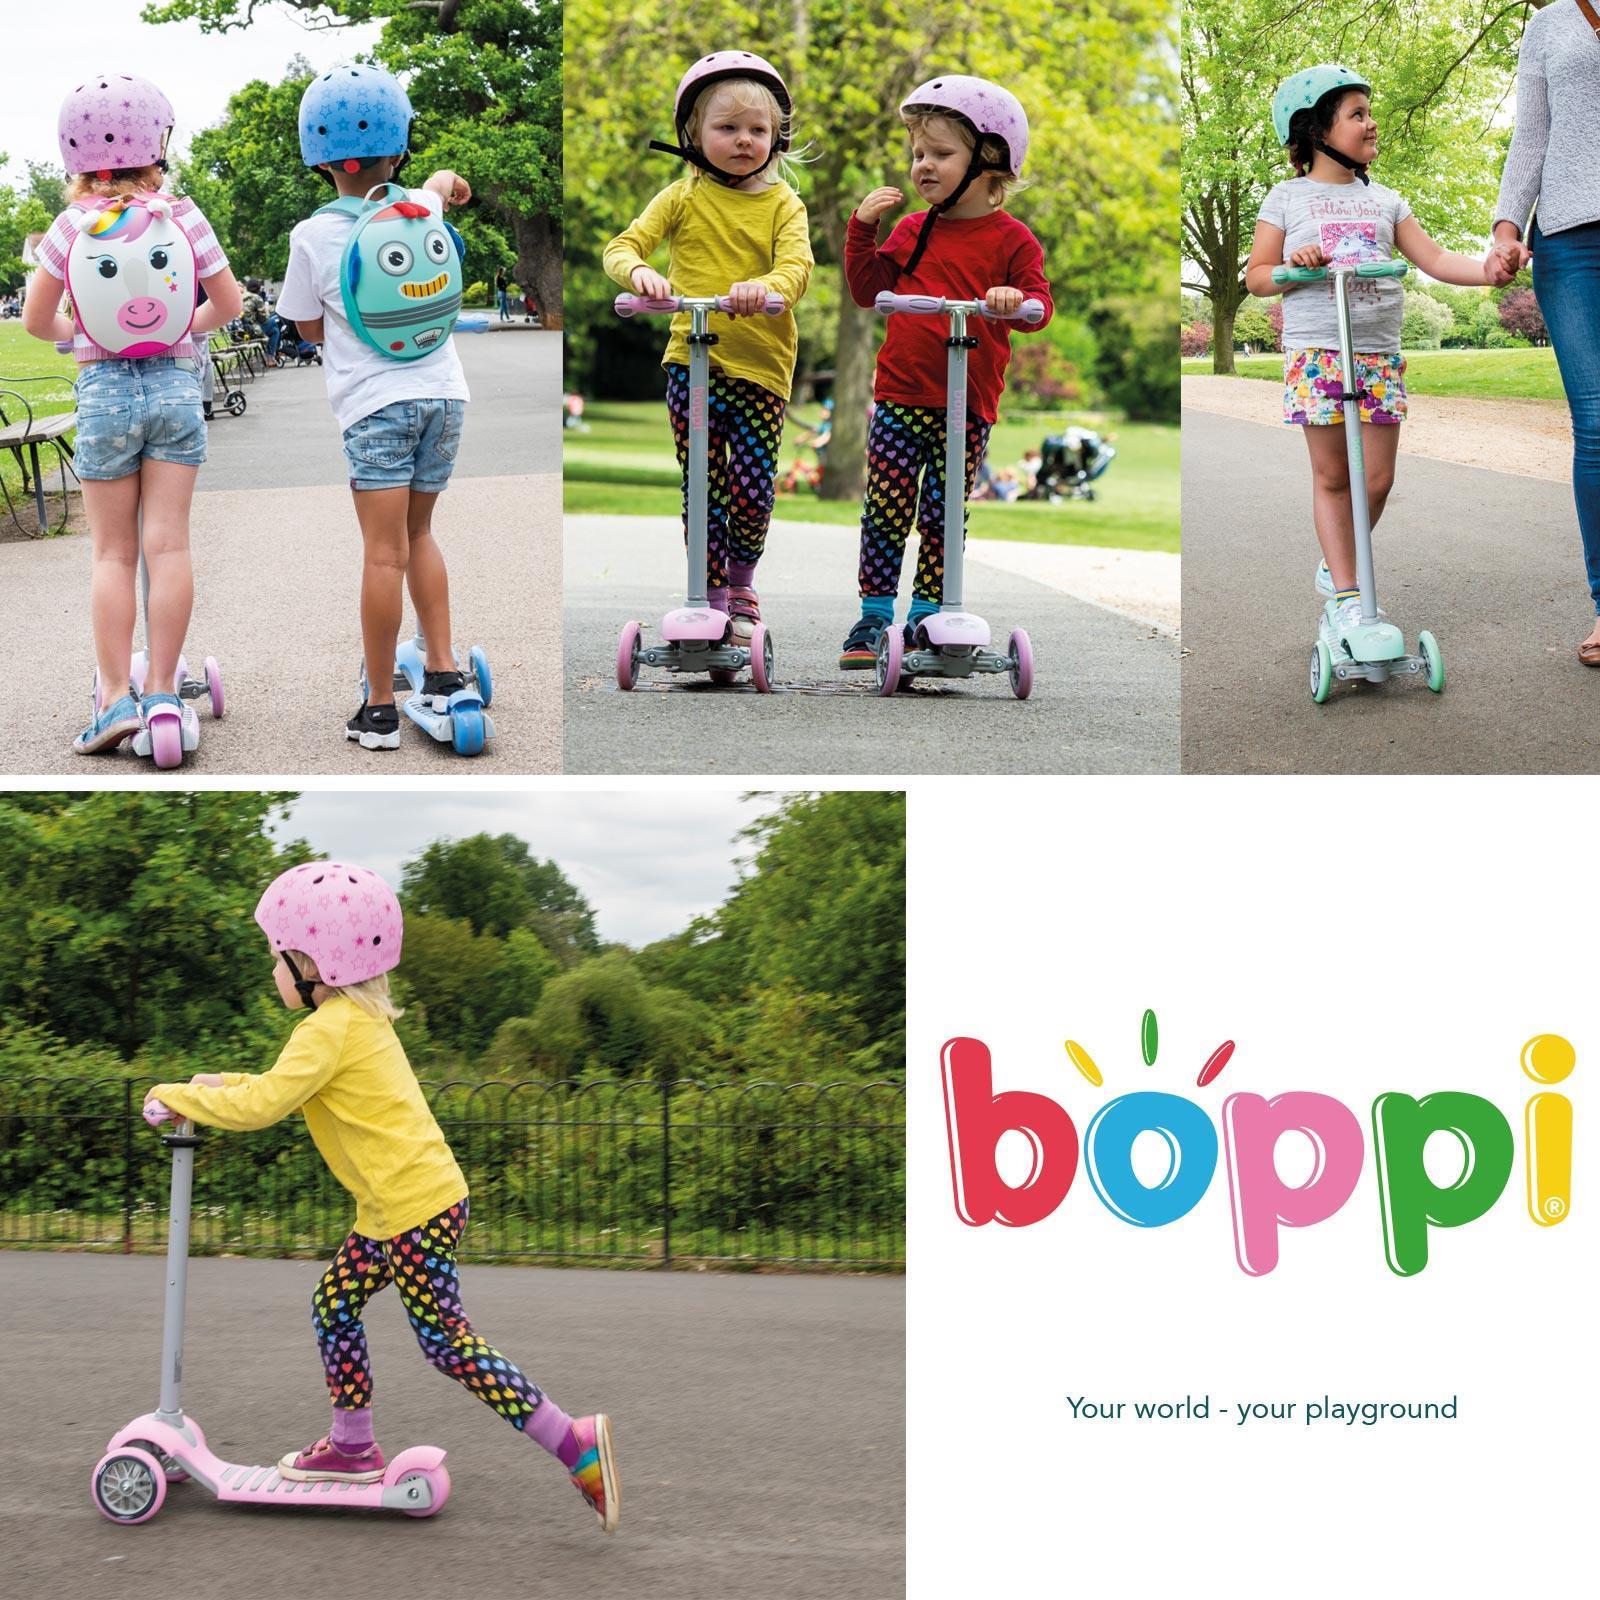 Indexbild 37 - Boppi-3-Rollen-Tretroller-Kinder-Kick-Auf-Alter-3-8-Jahre